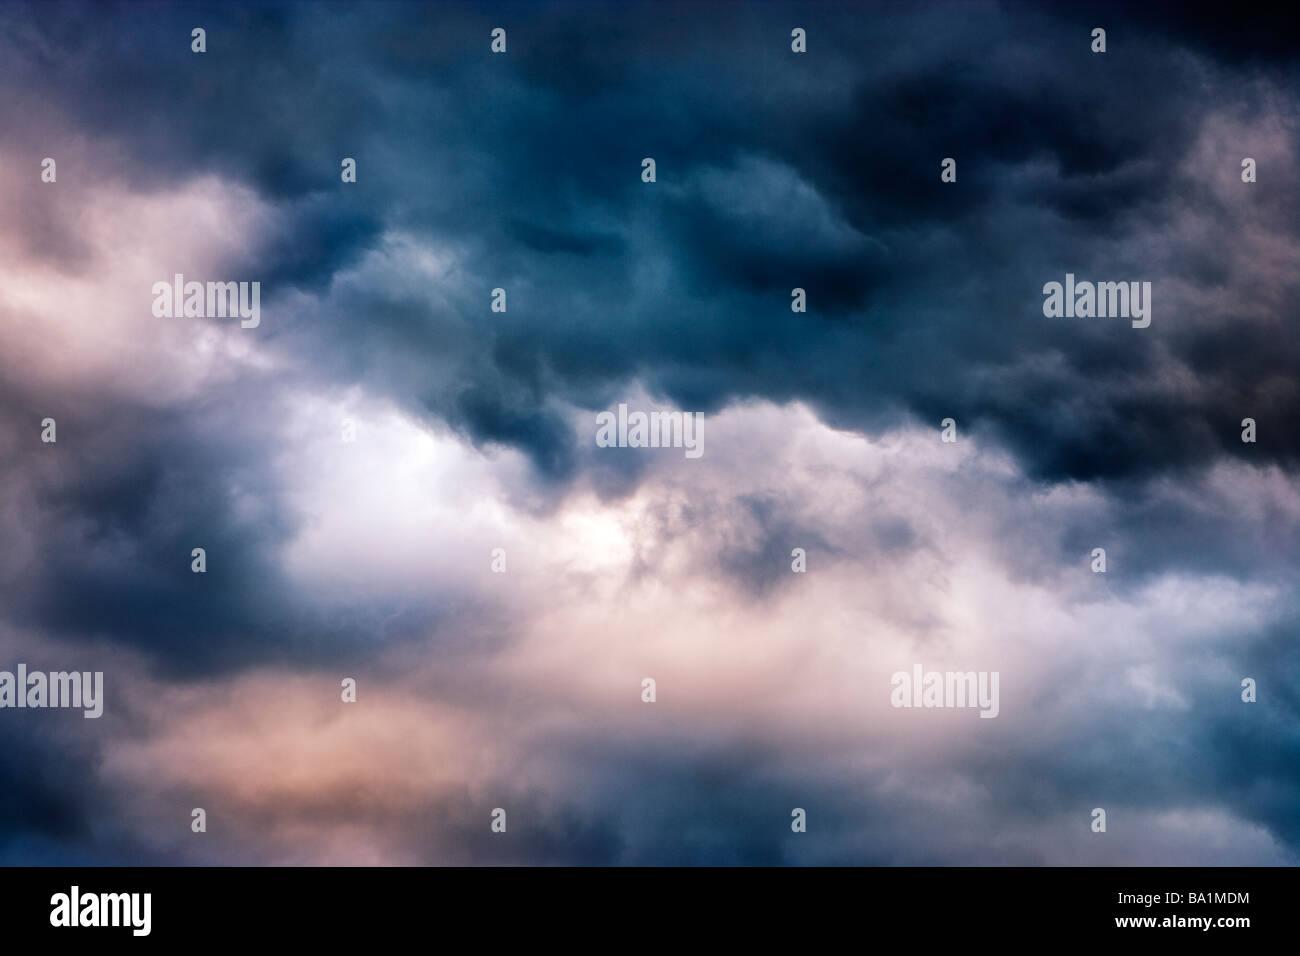 Gewitterwolken Stockbild